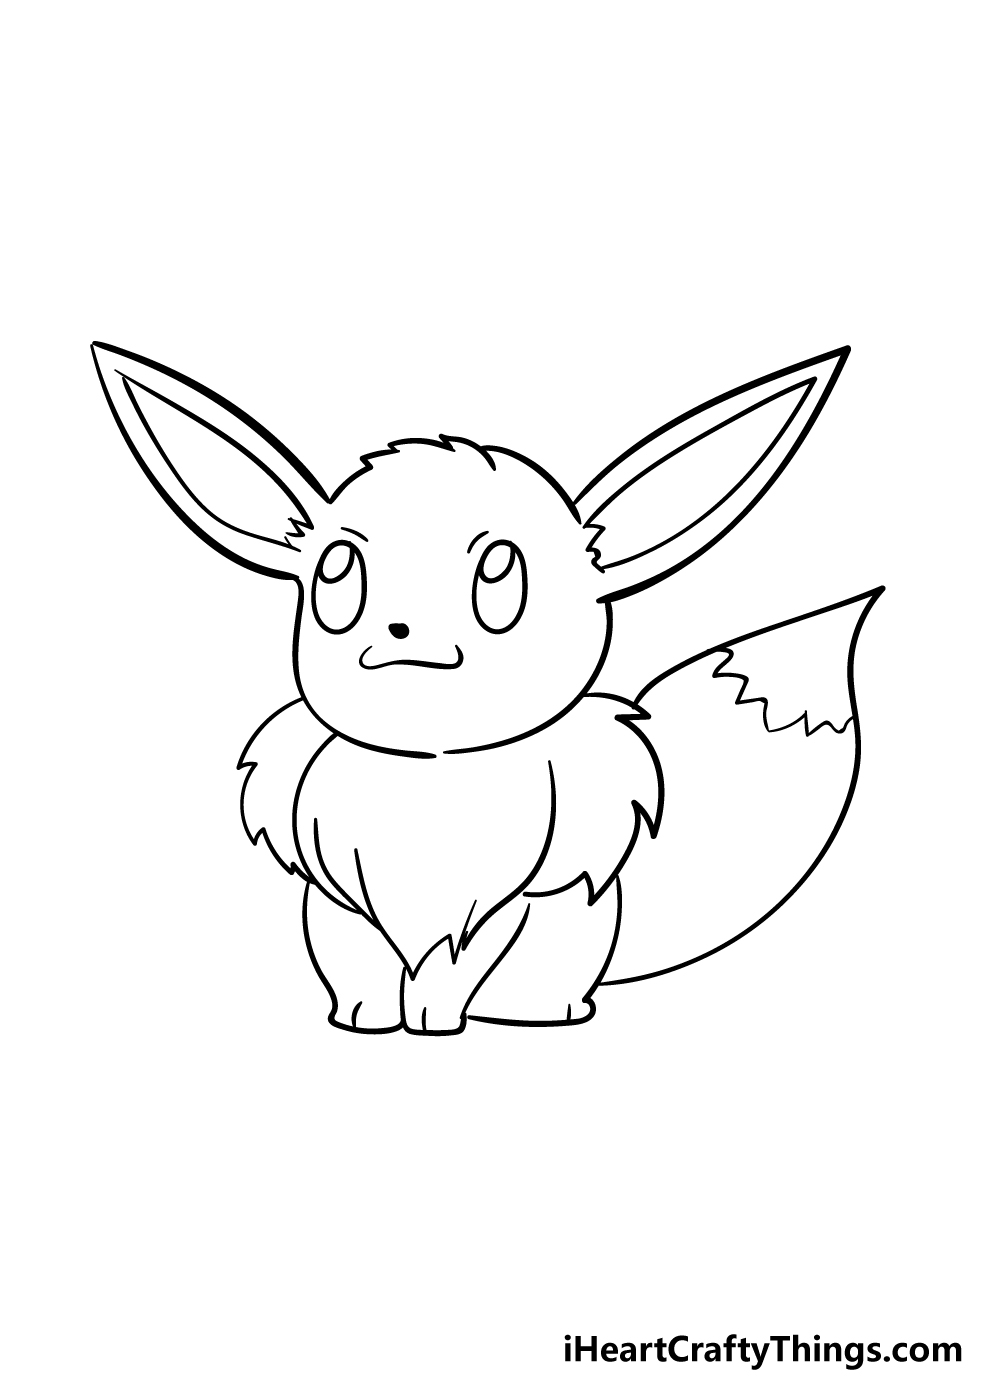 eevee drawing step 5